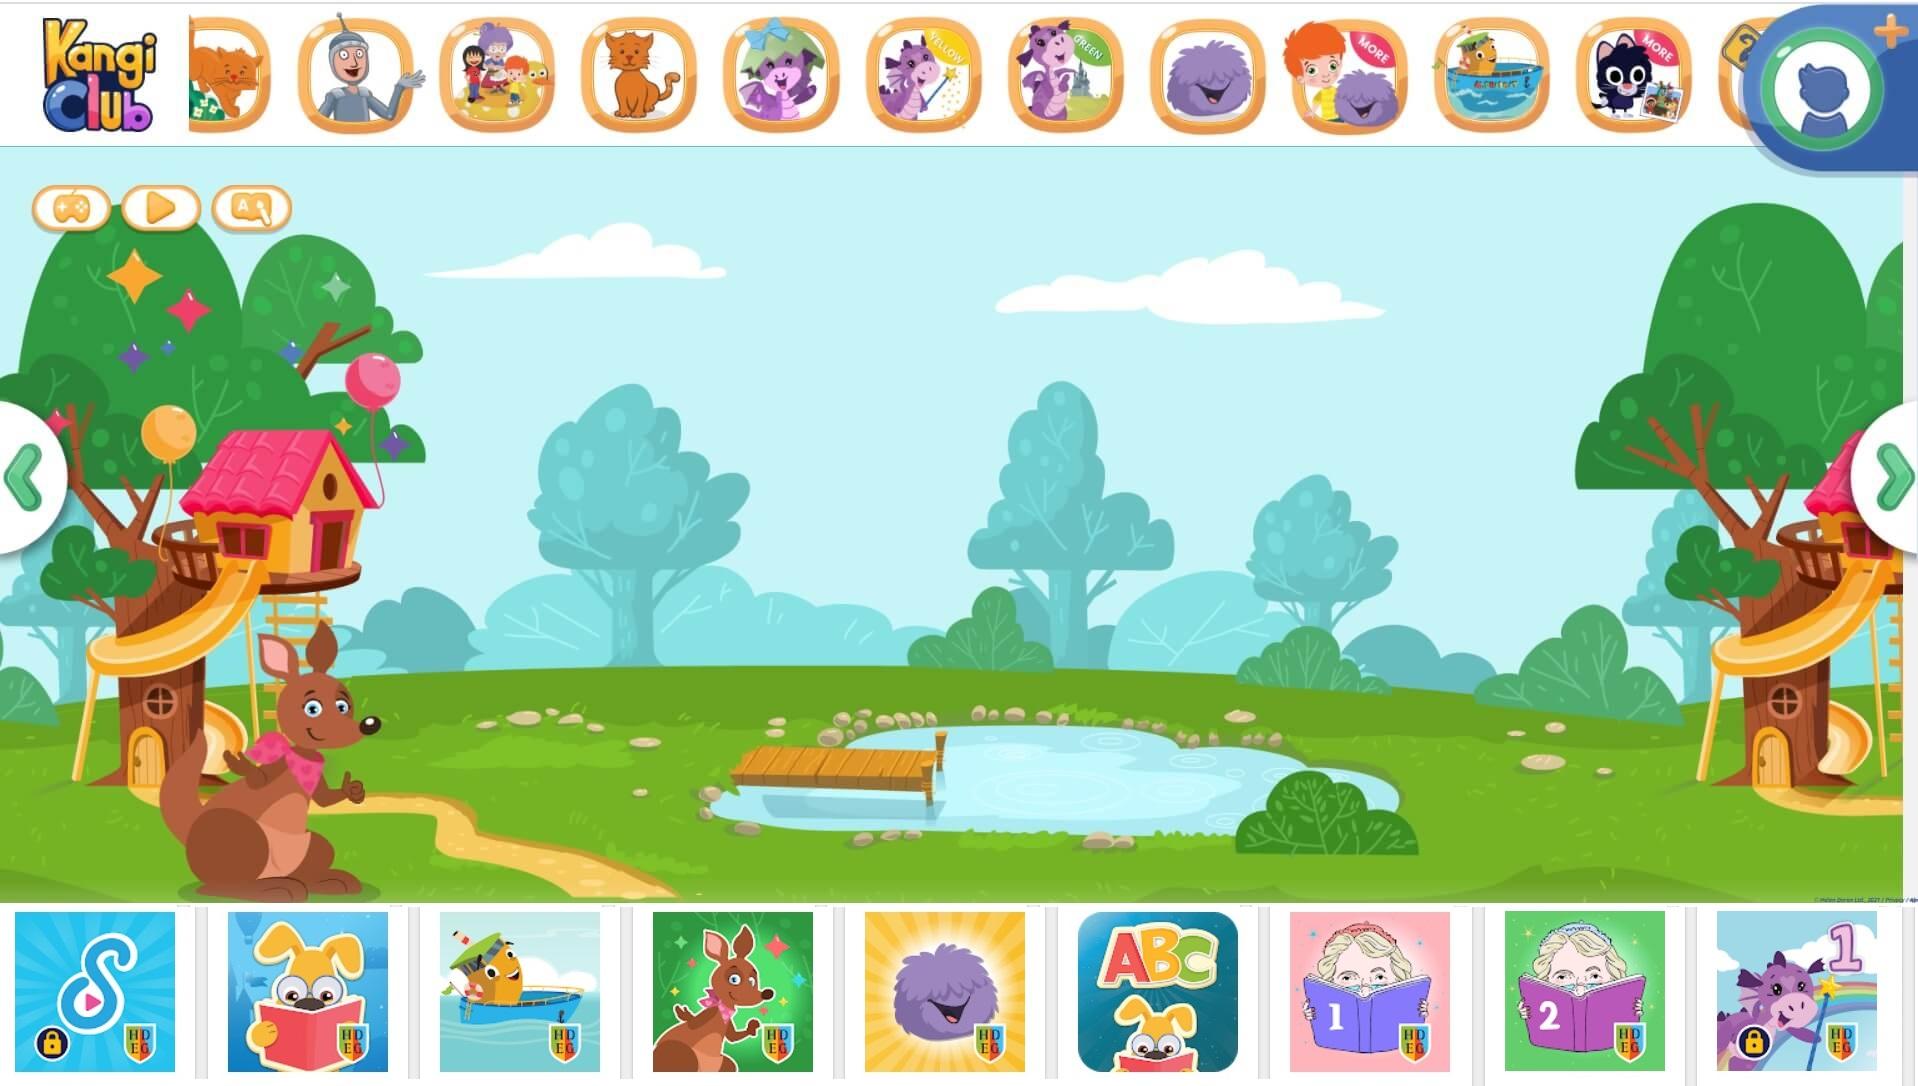 Apps-GooglePlay-iOSstore-HelenDoron-Destop-YuppieEdu2